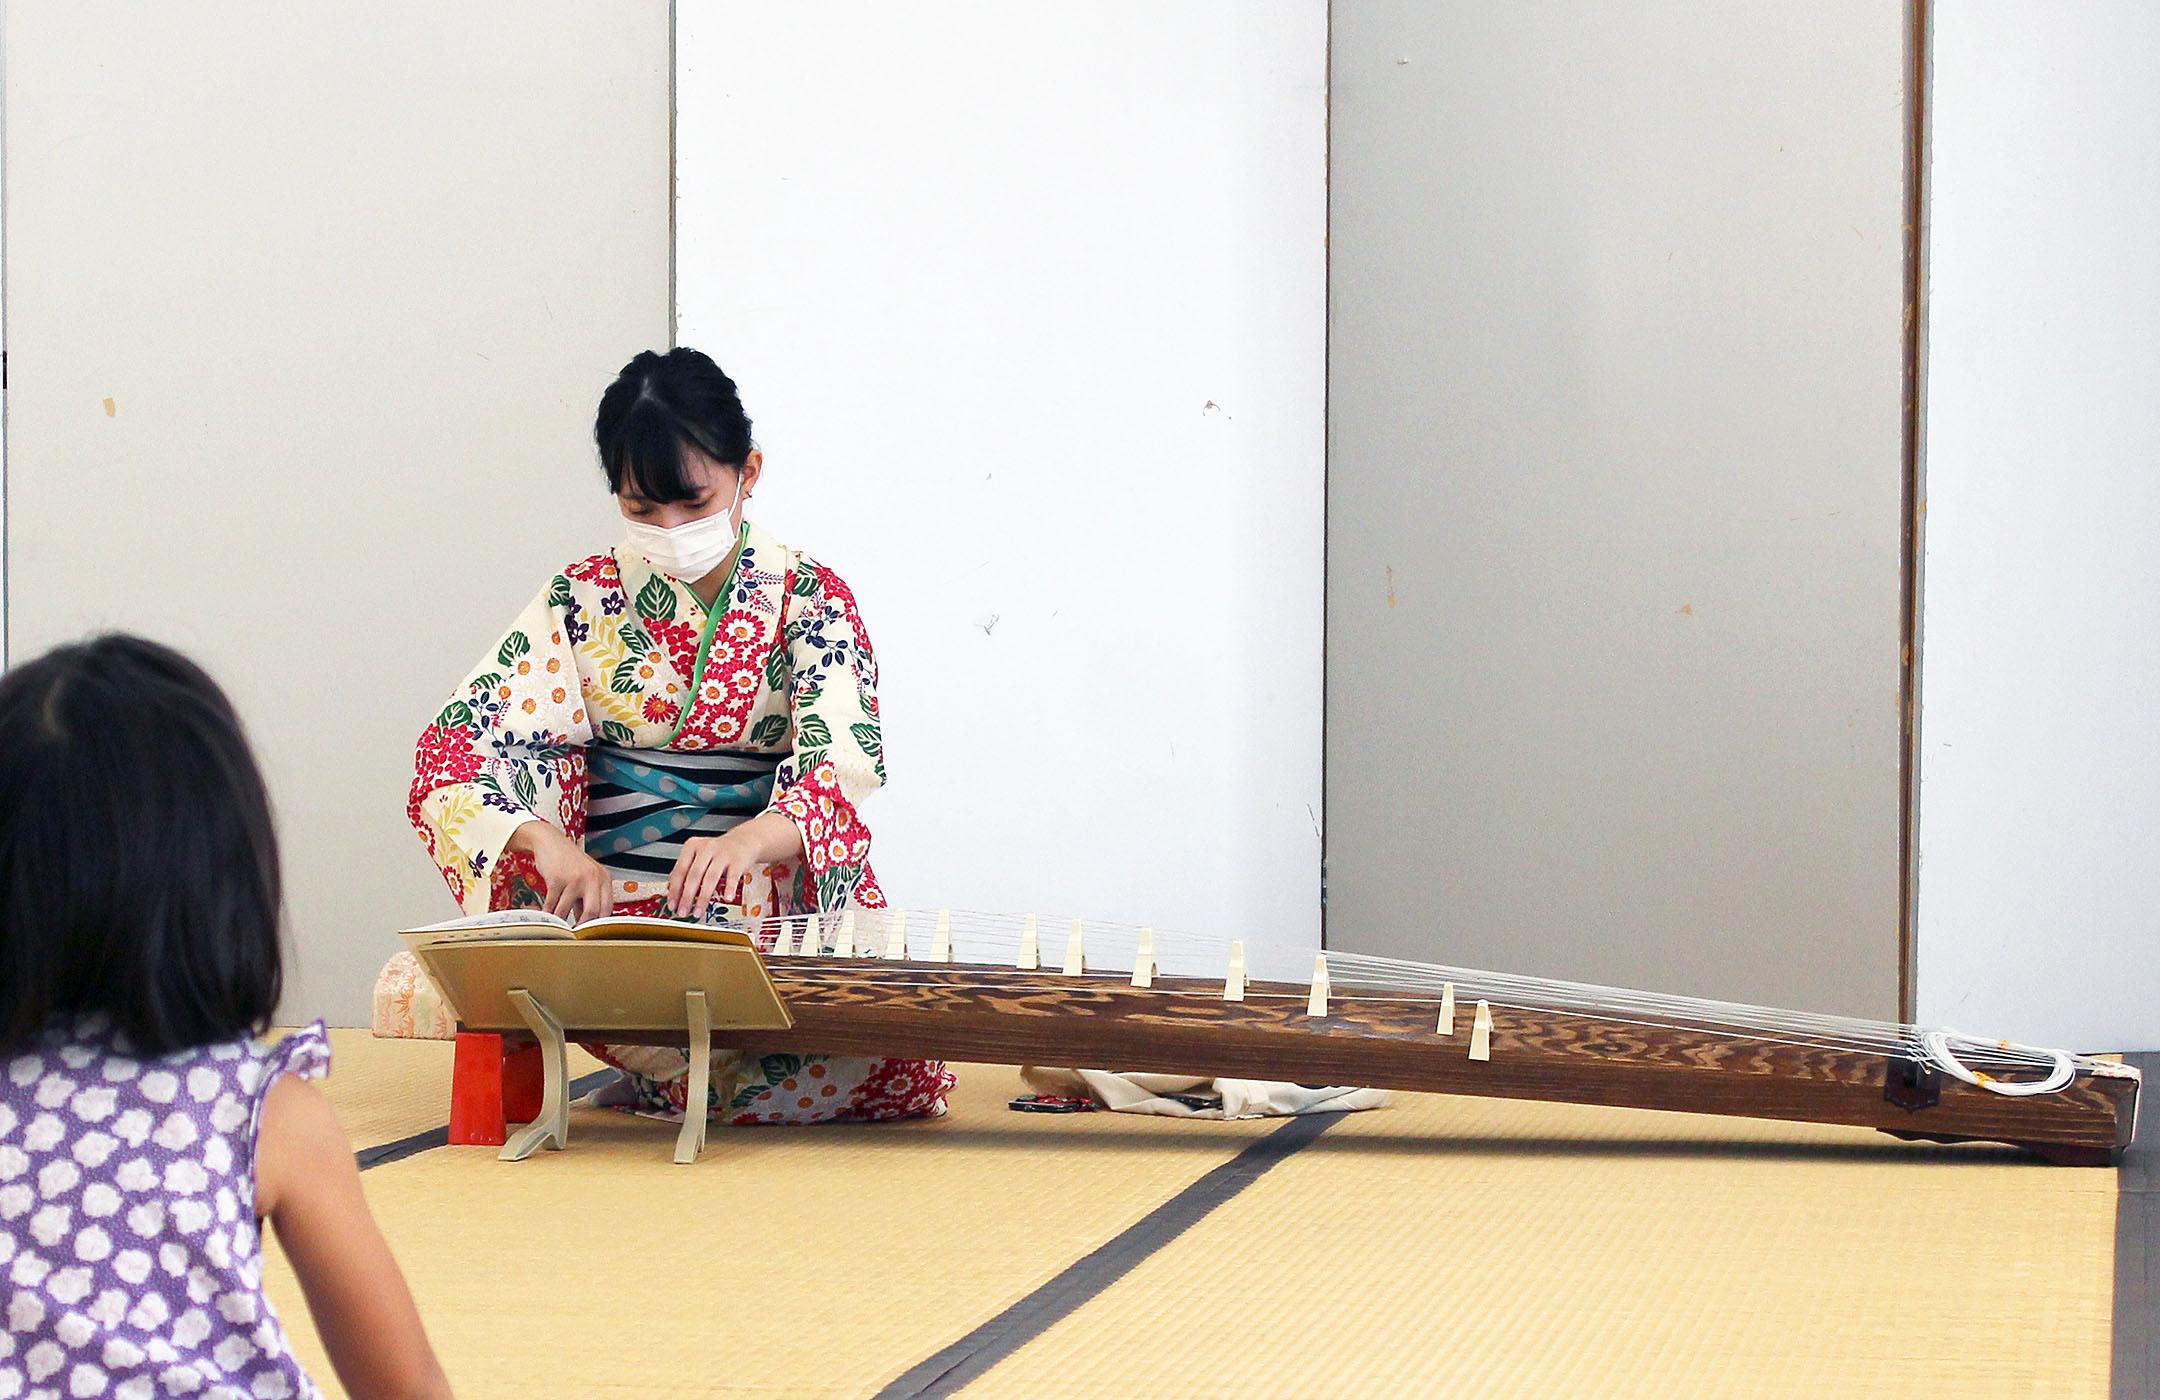 お琴の生演奏ソロ十三弦演奏曲目さくらんぼの歌と風の踊り子